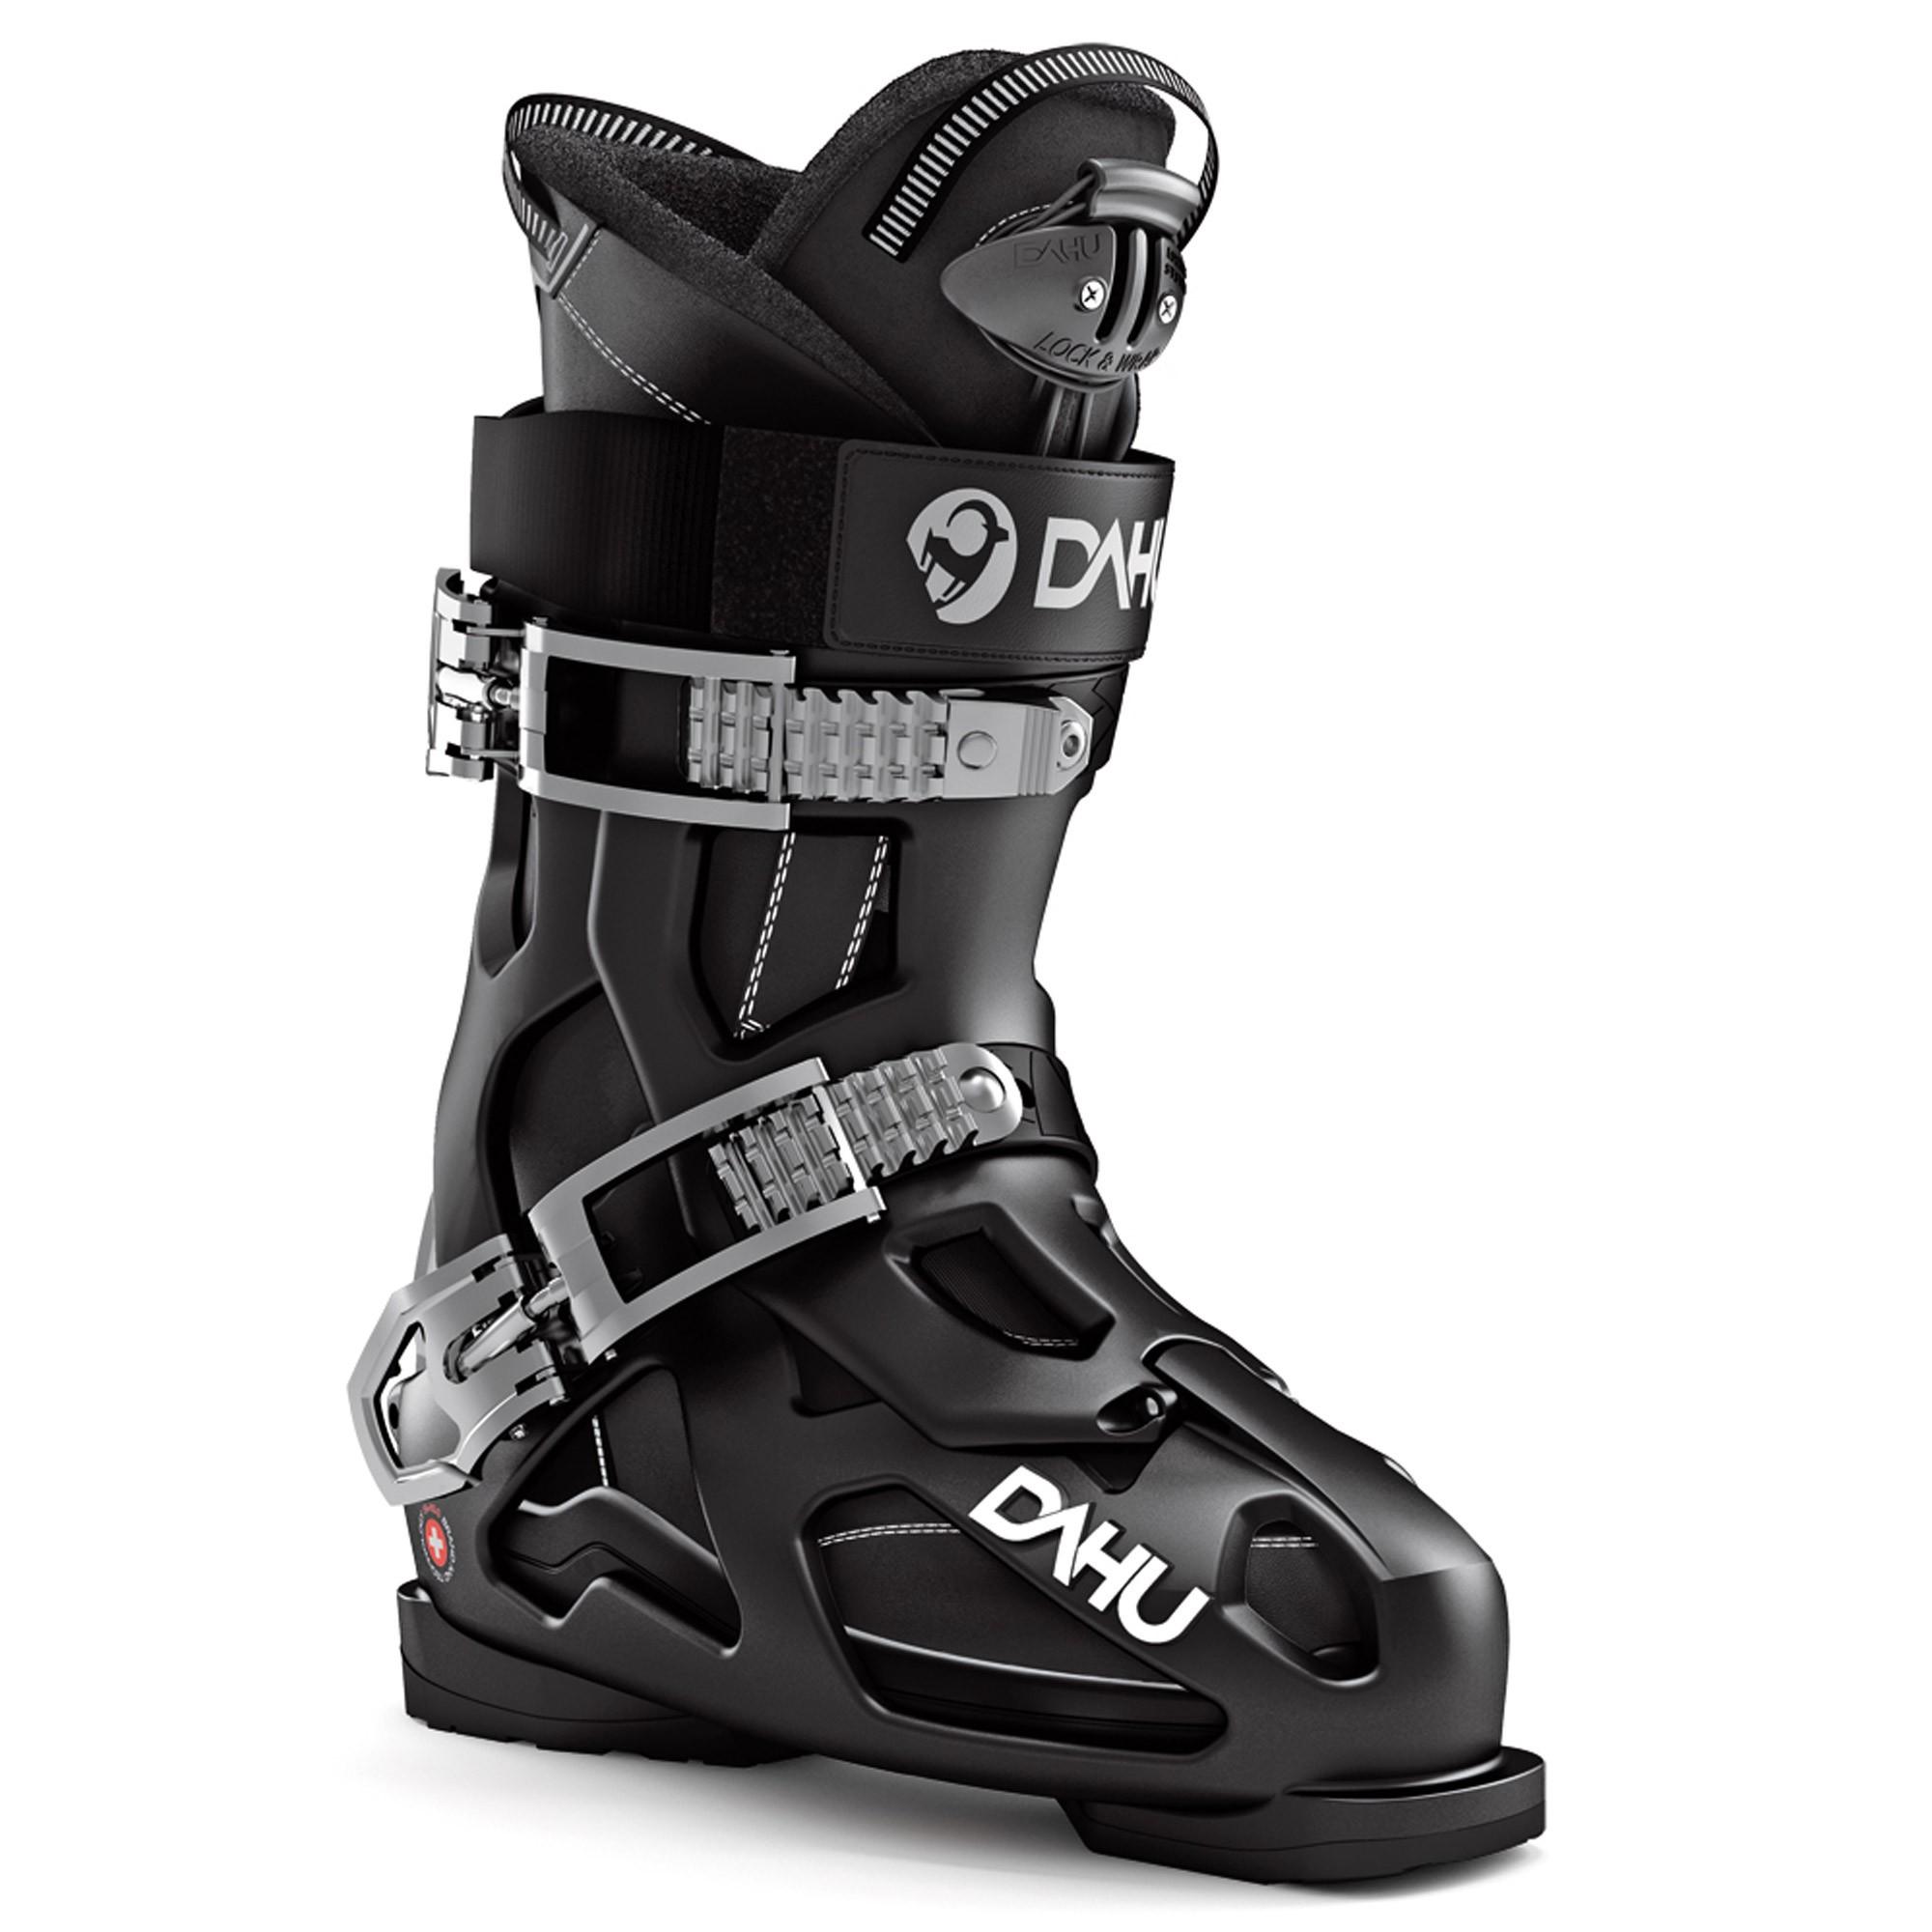 Afbeelding van Dahu Numero 7 100 Skischoenen Heren 26.5